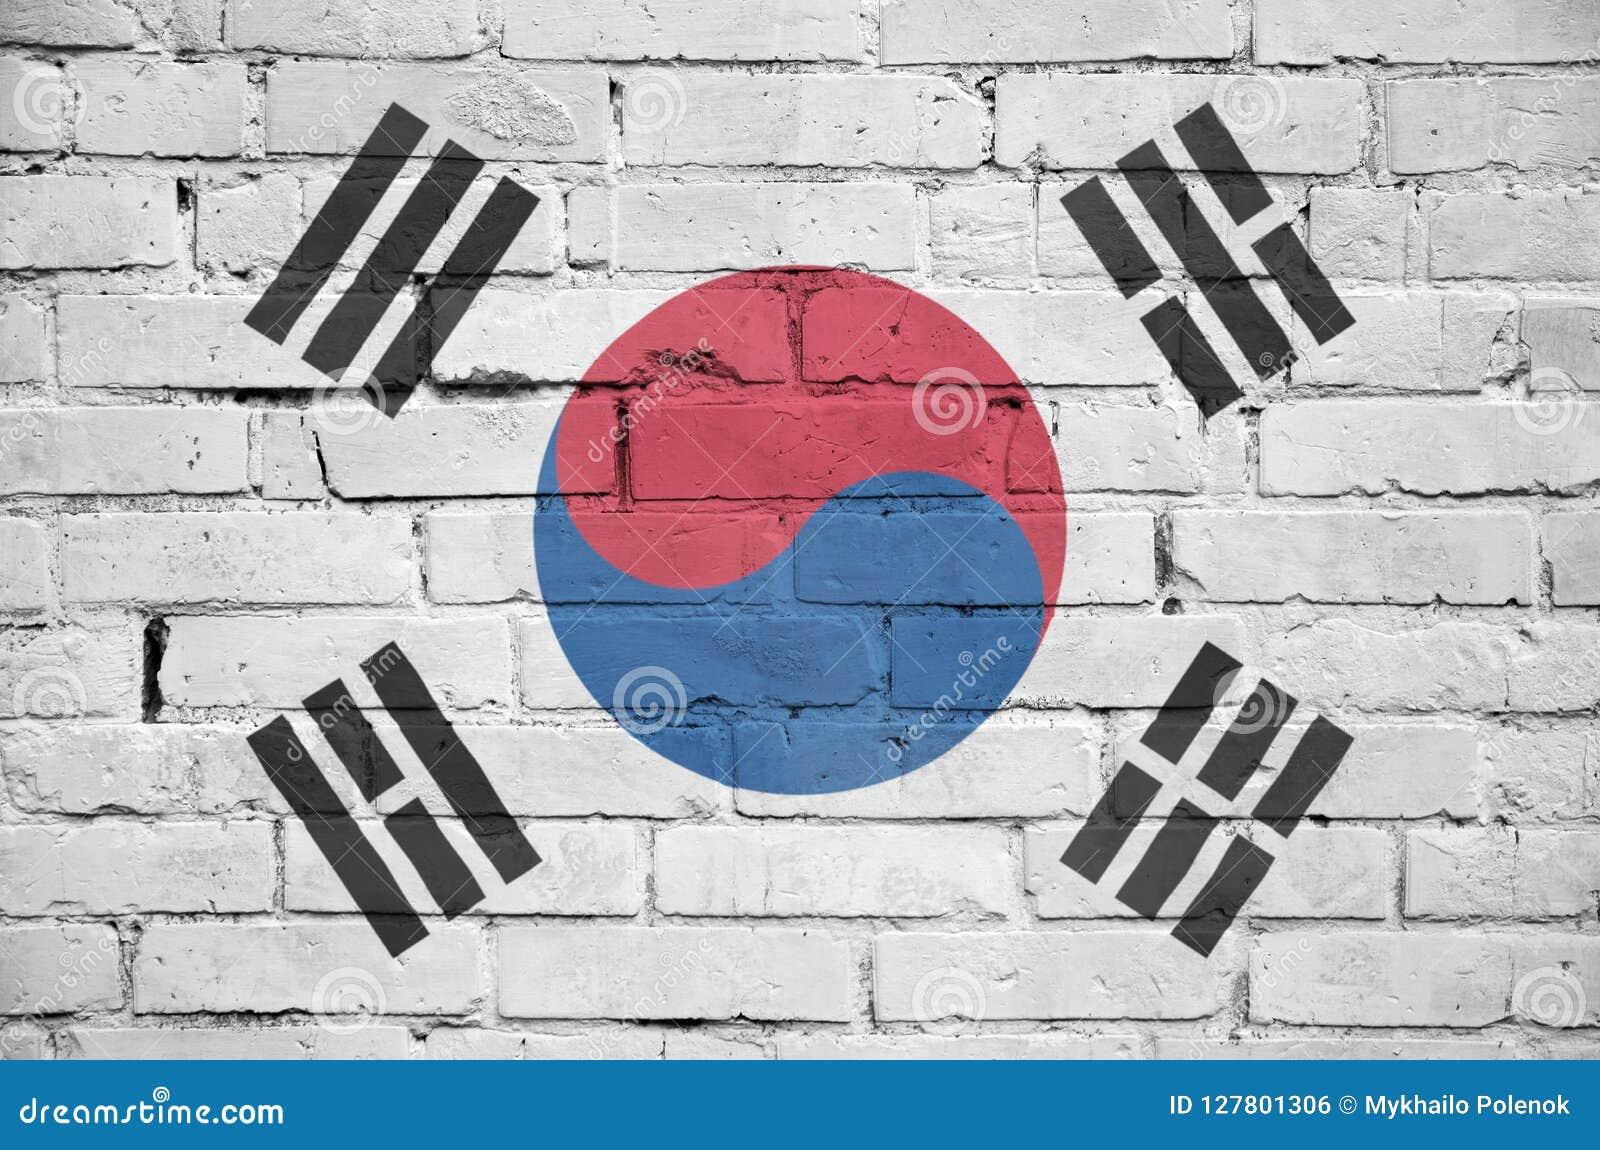 Le drapeau de la Corée du Sud est peint sur un vieux mur de briques